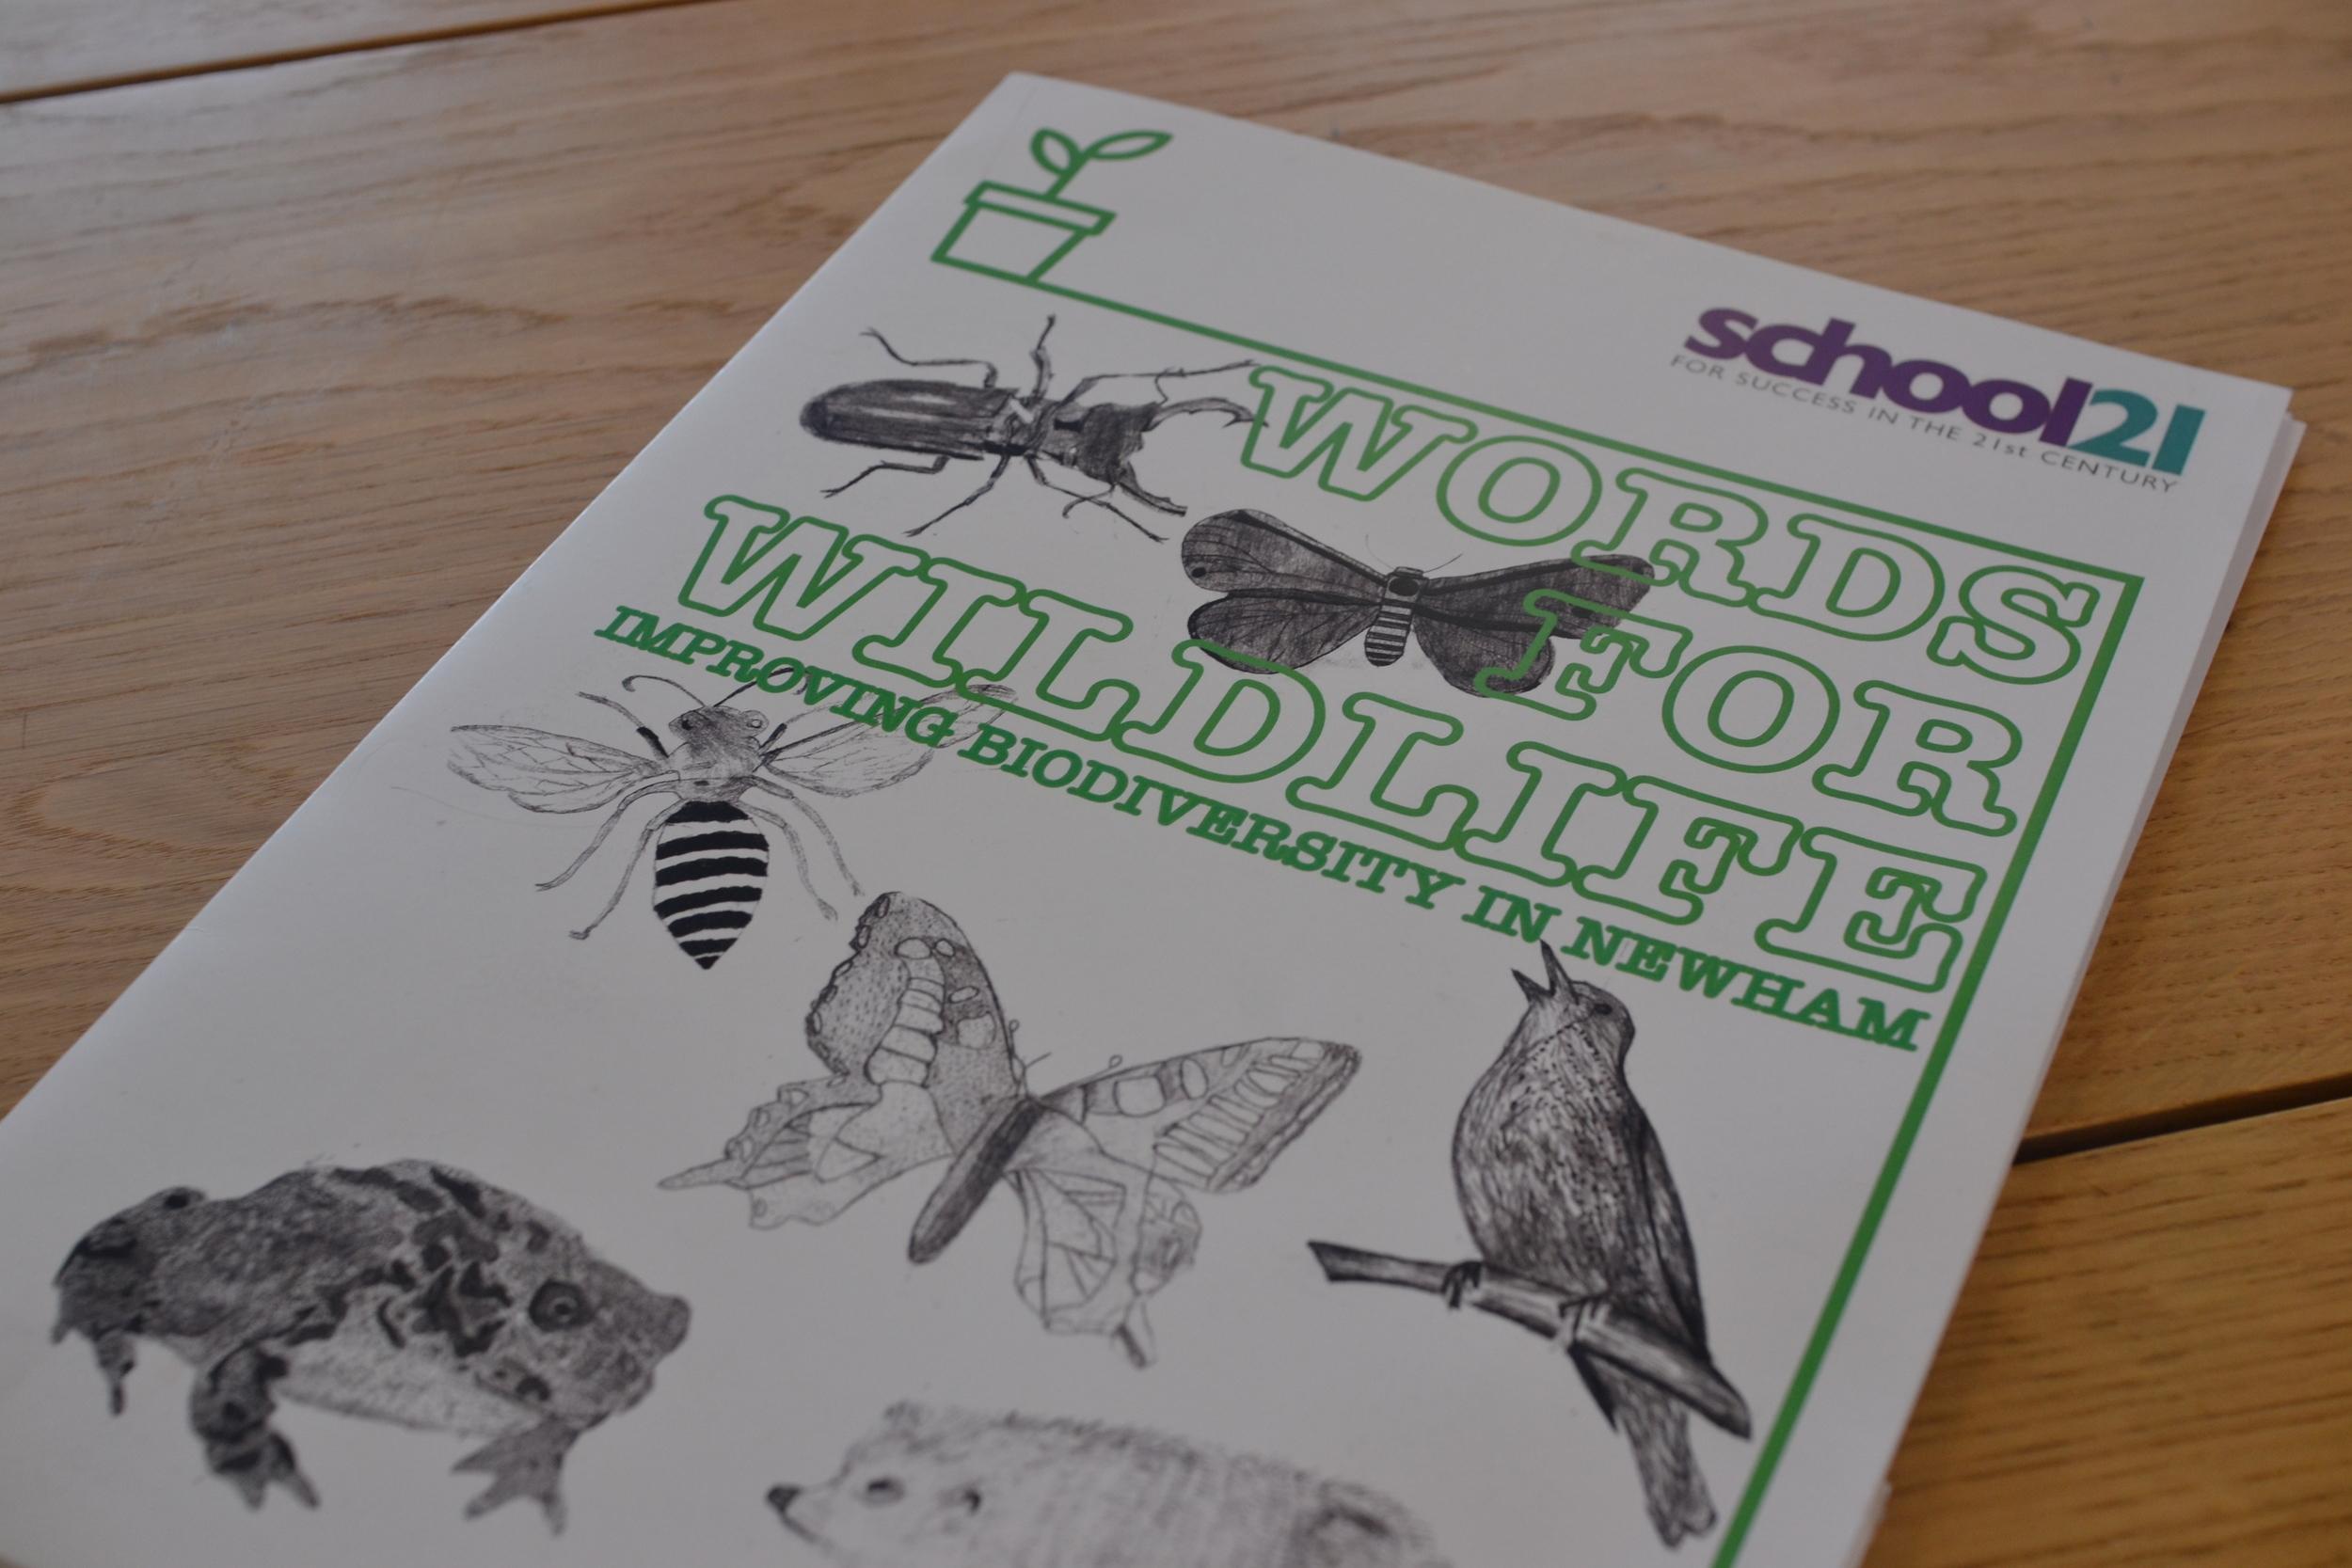 School 21 Words of Wildlife 3 (2).JPG